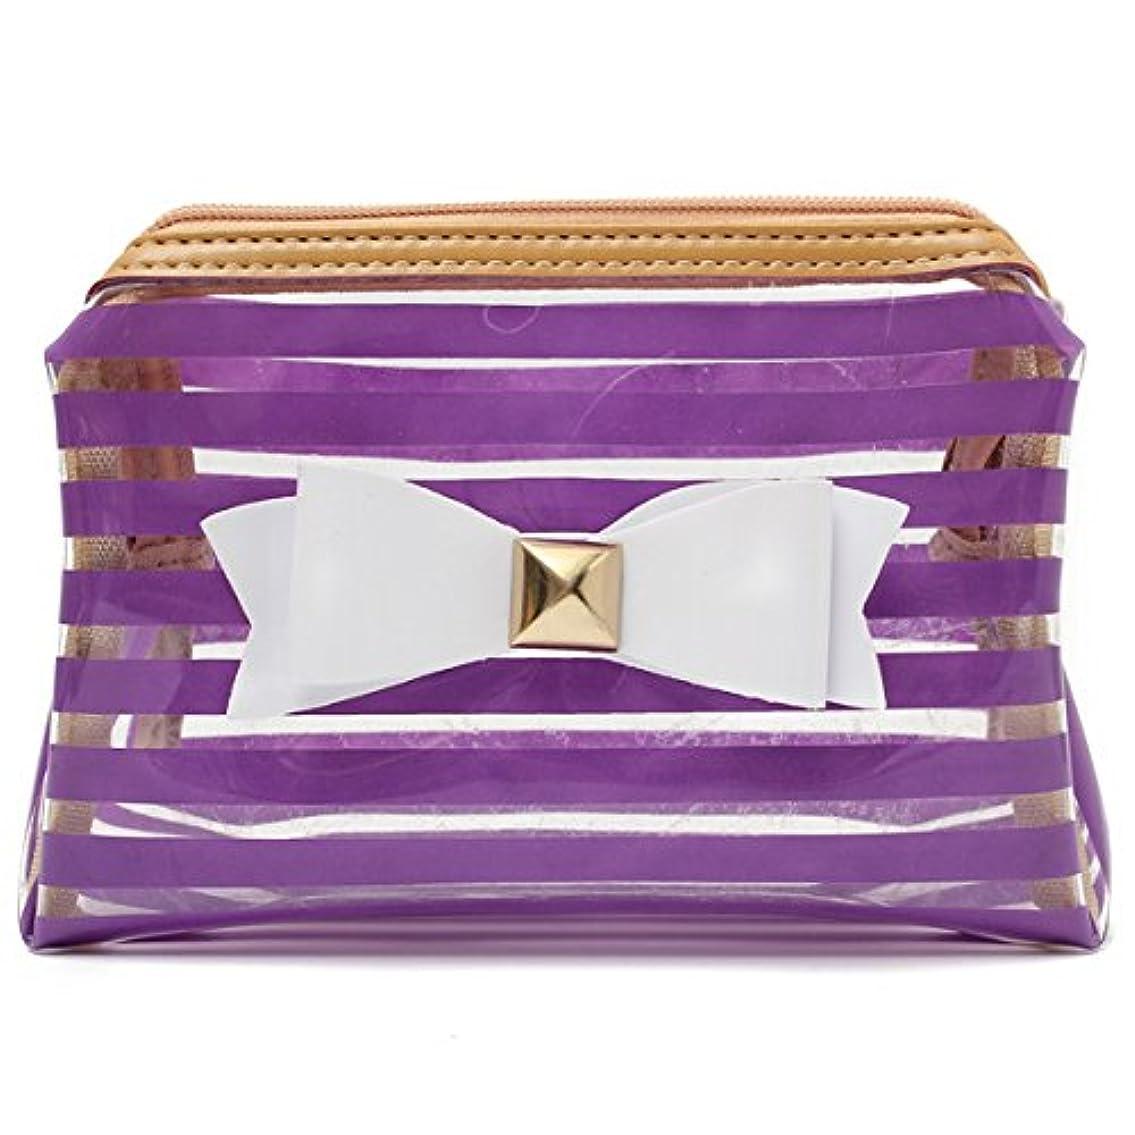 親スワップ銛YZUEYT ストライプ透明な化粧品のバッグ旅行PVCボウタイはオーガナイザーケースを作る YZUEYT (Color : Color Purple Hippo)